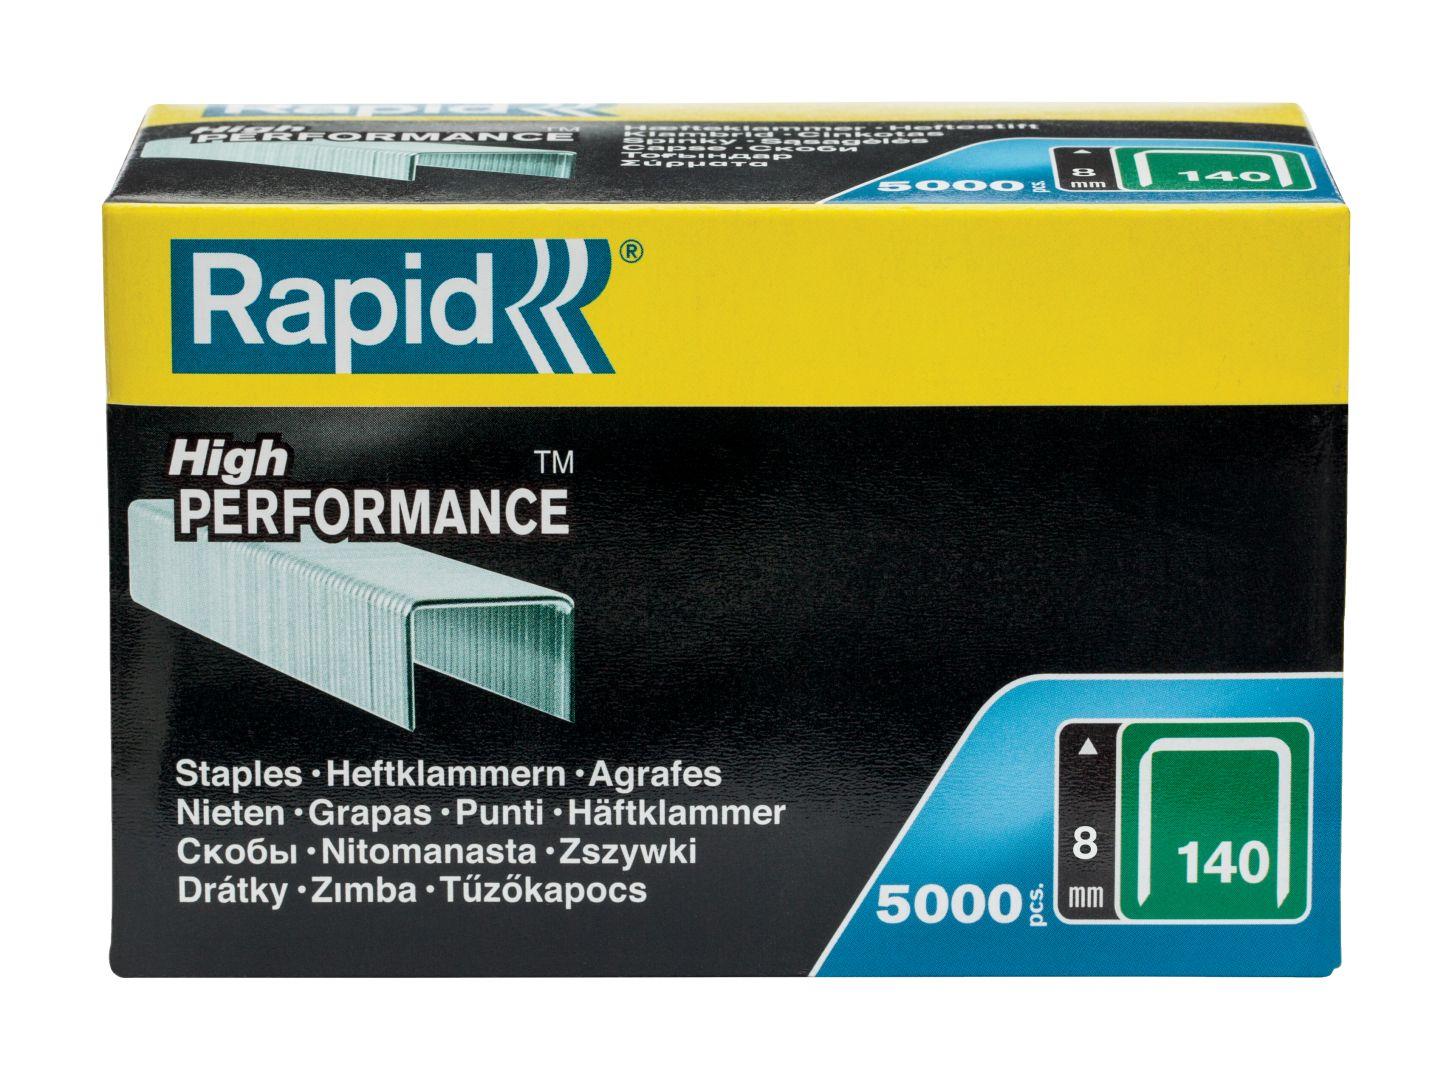 Rapid High PERFORMANCE Heftklammern, Typ 140, 8 mm Schenkellänge, 5.000 Stück